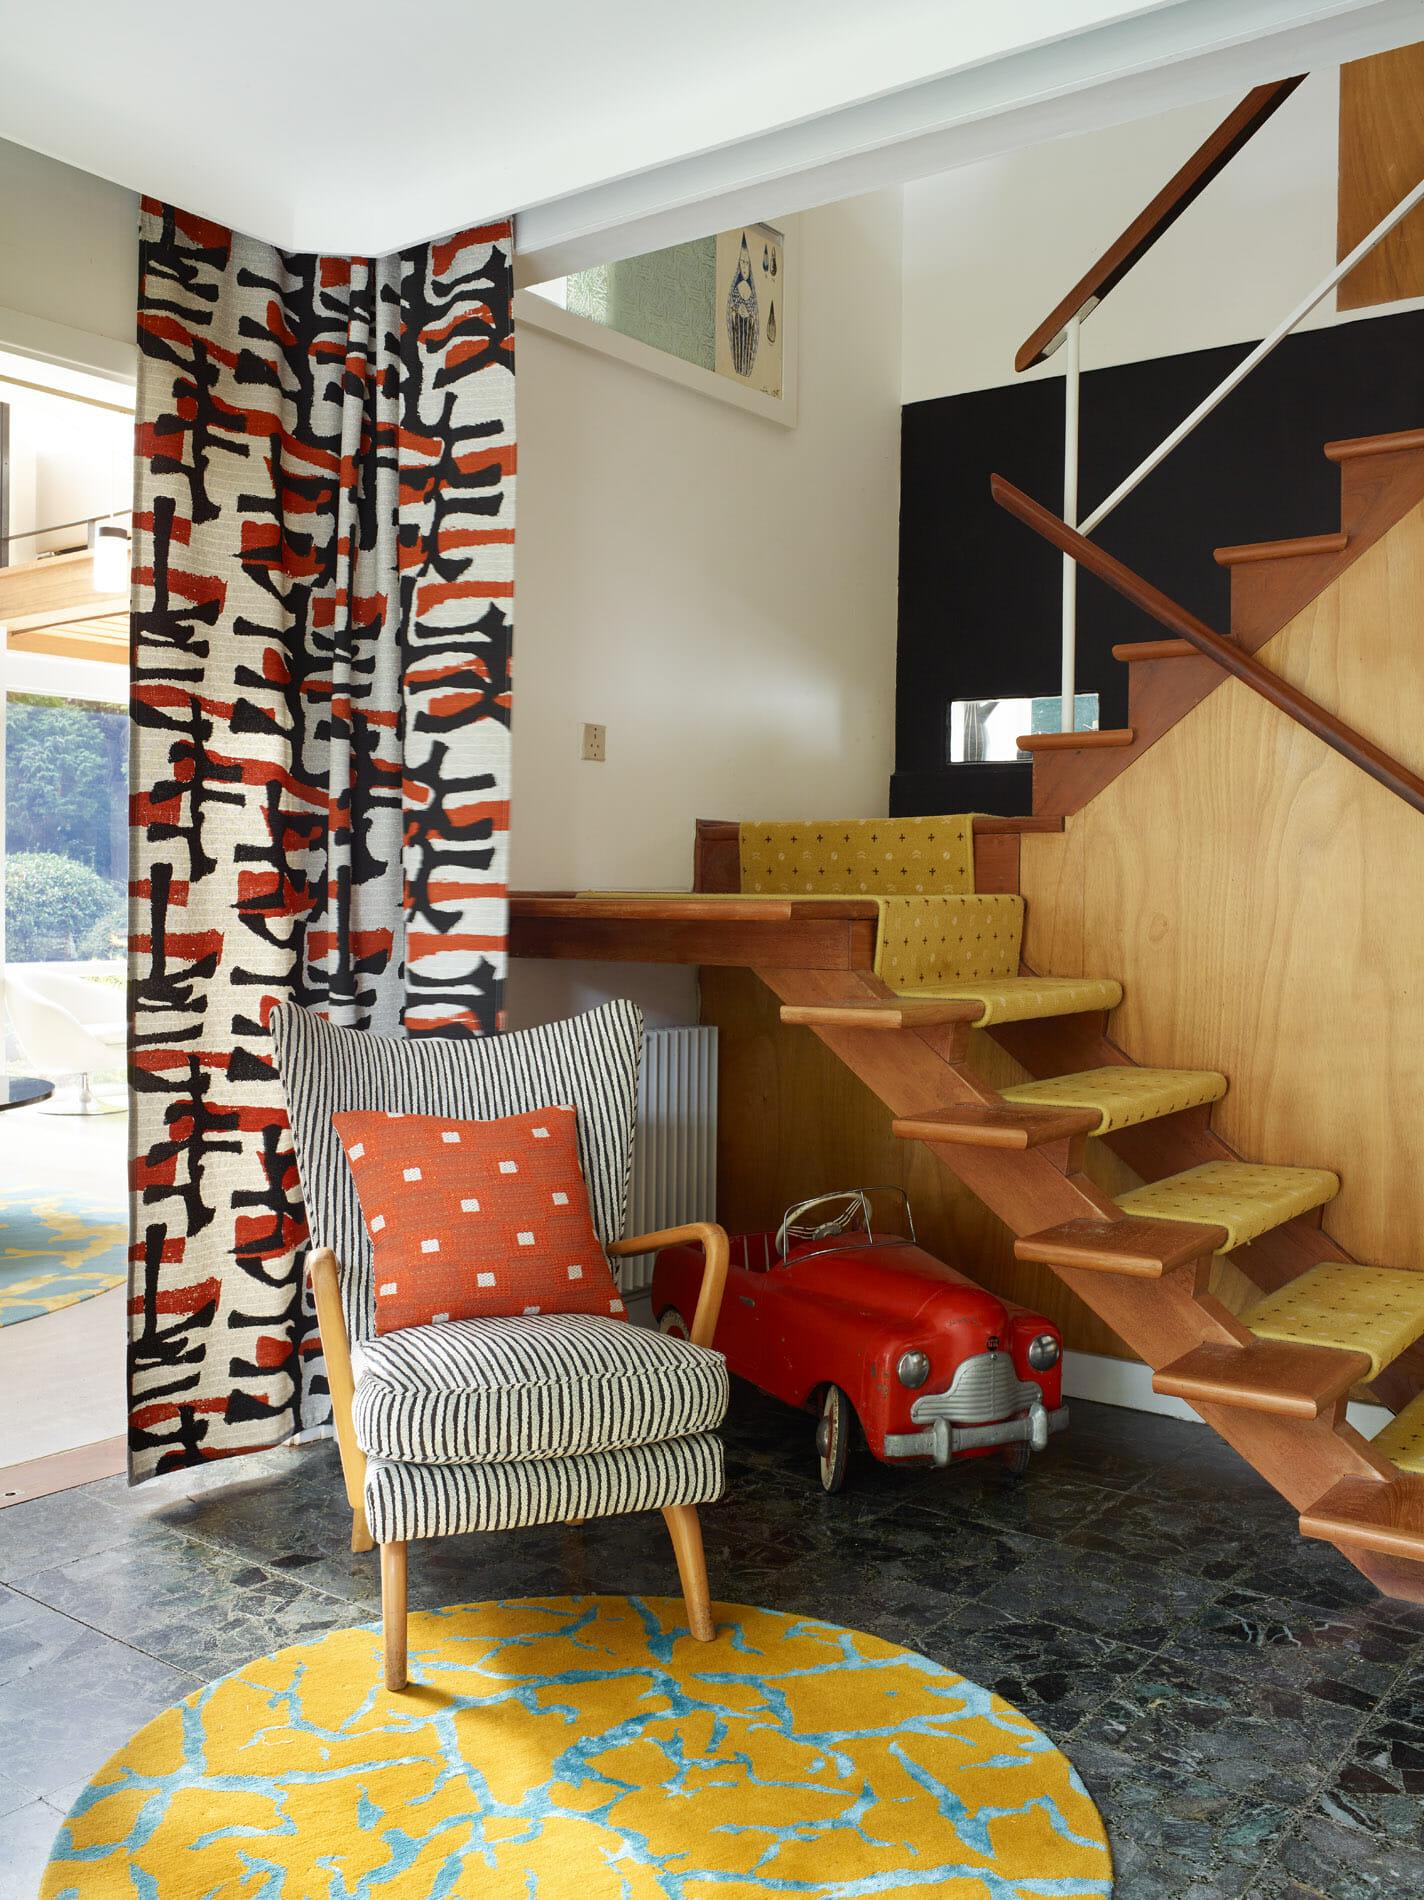 rachael-smith-interiors-14122019-082-1